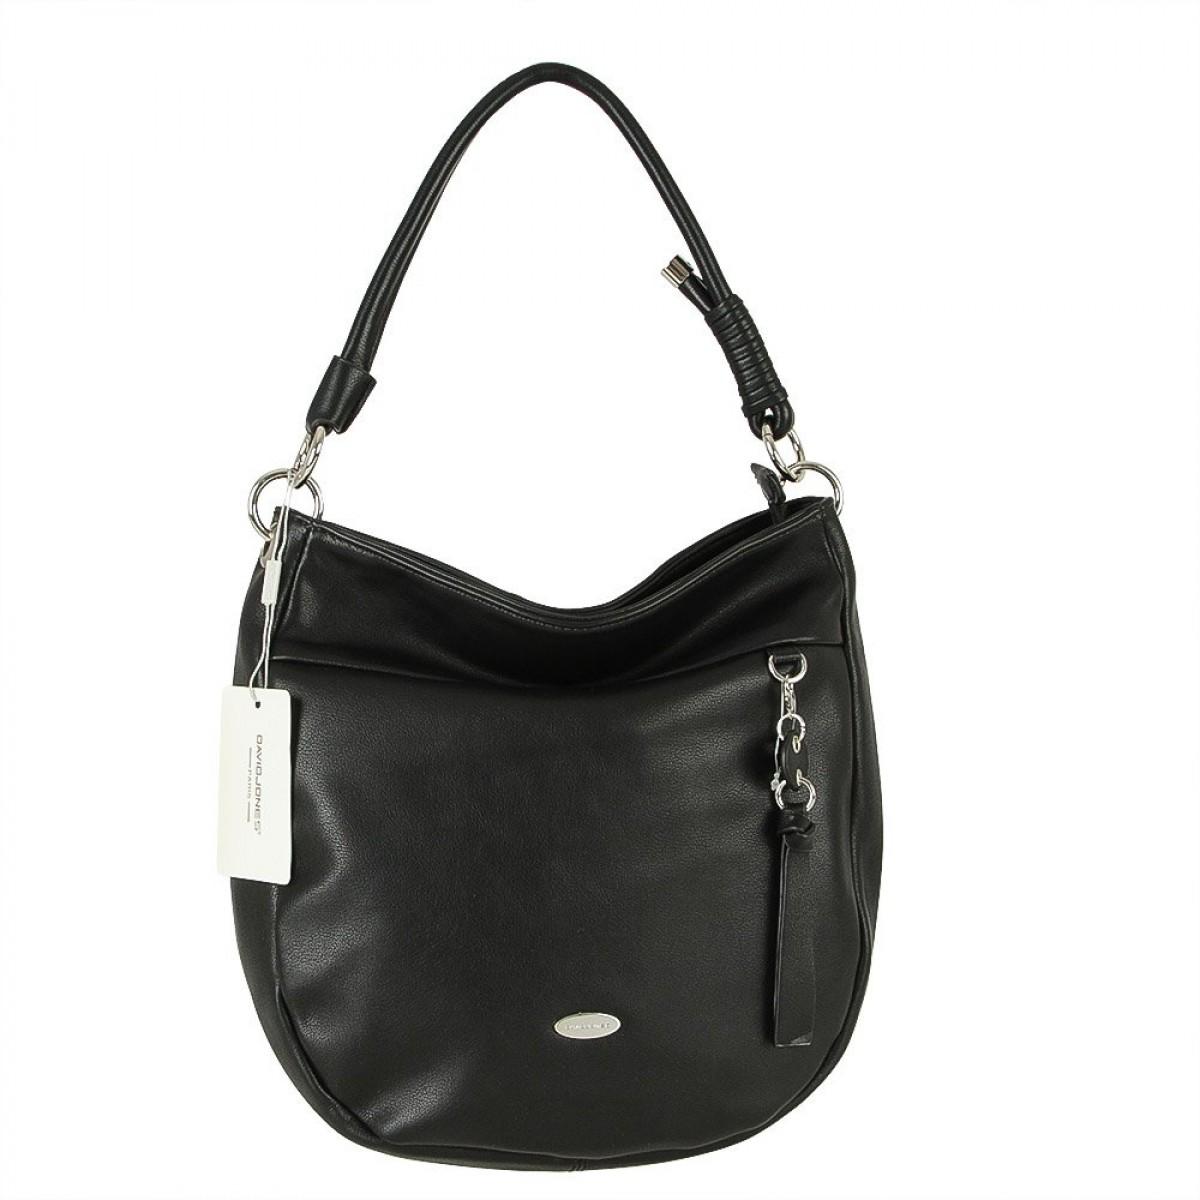 Жіноча сумка David Jones  CM5725 BLACK